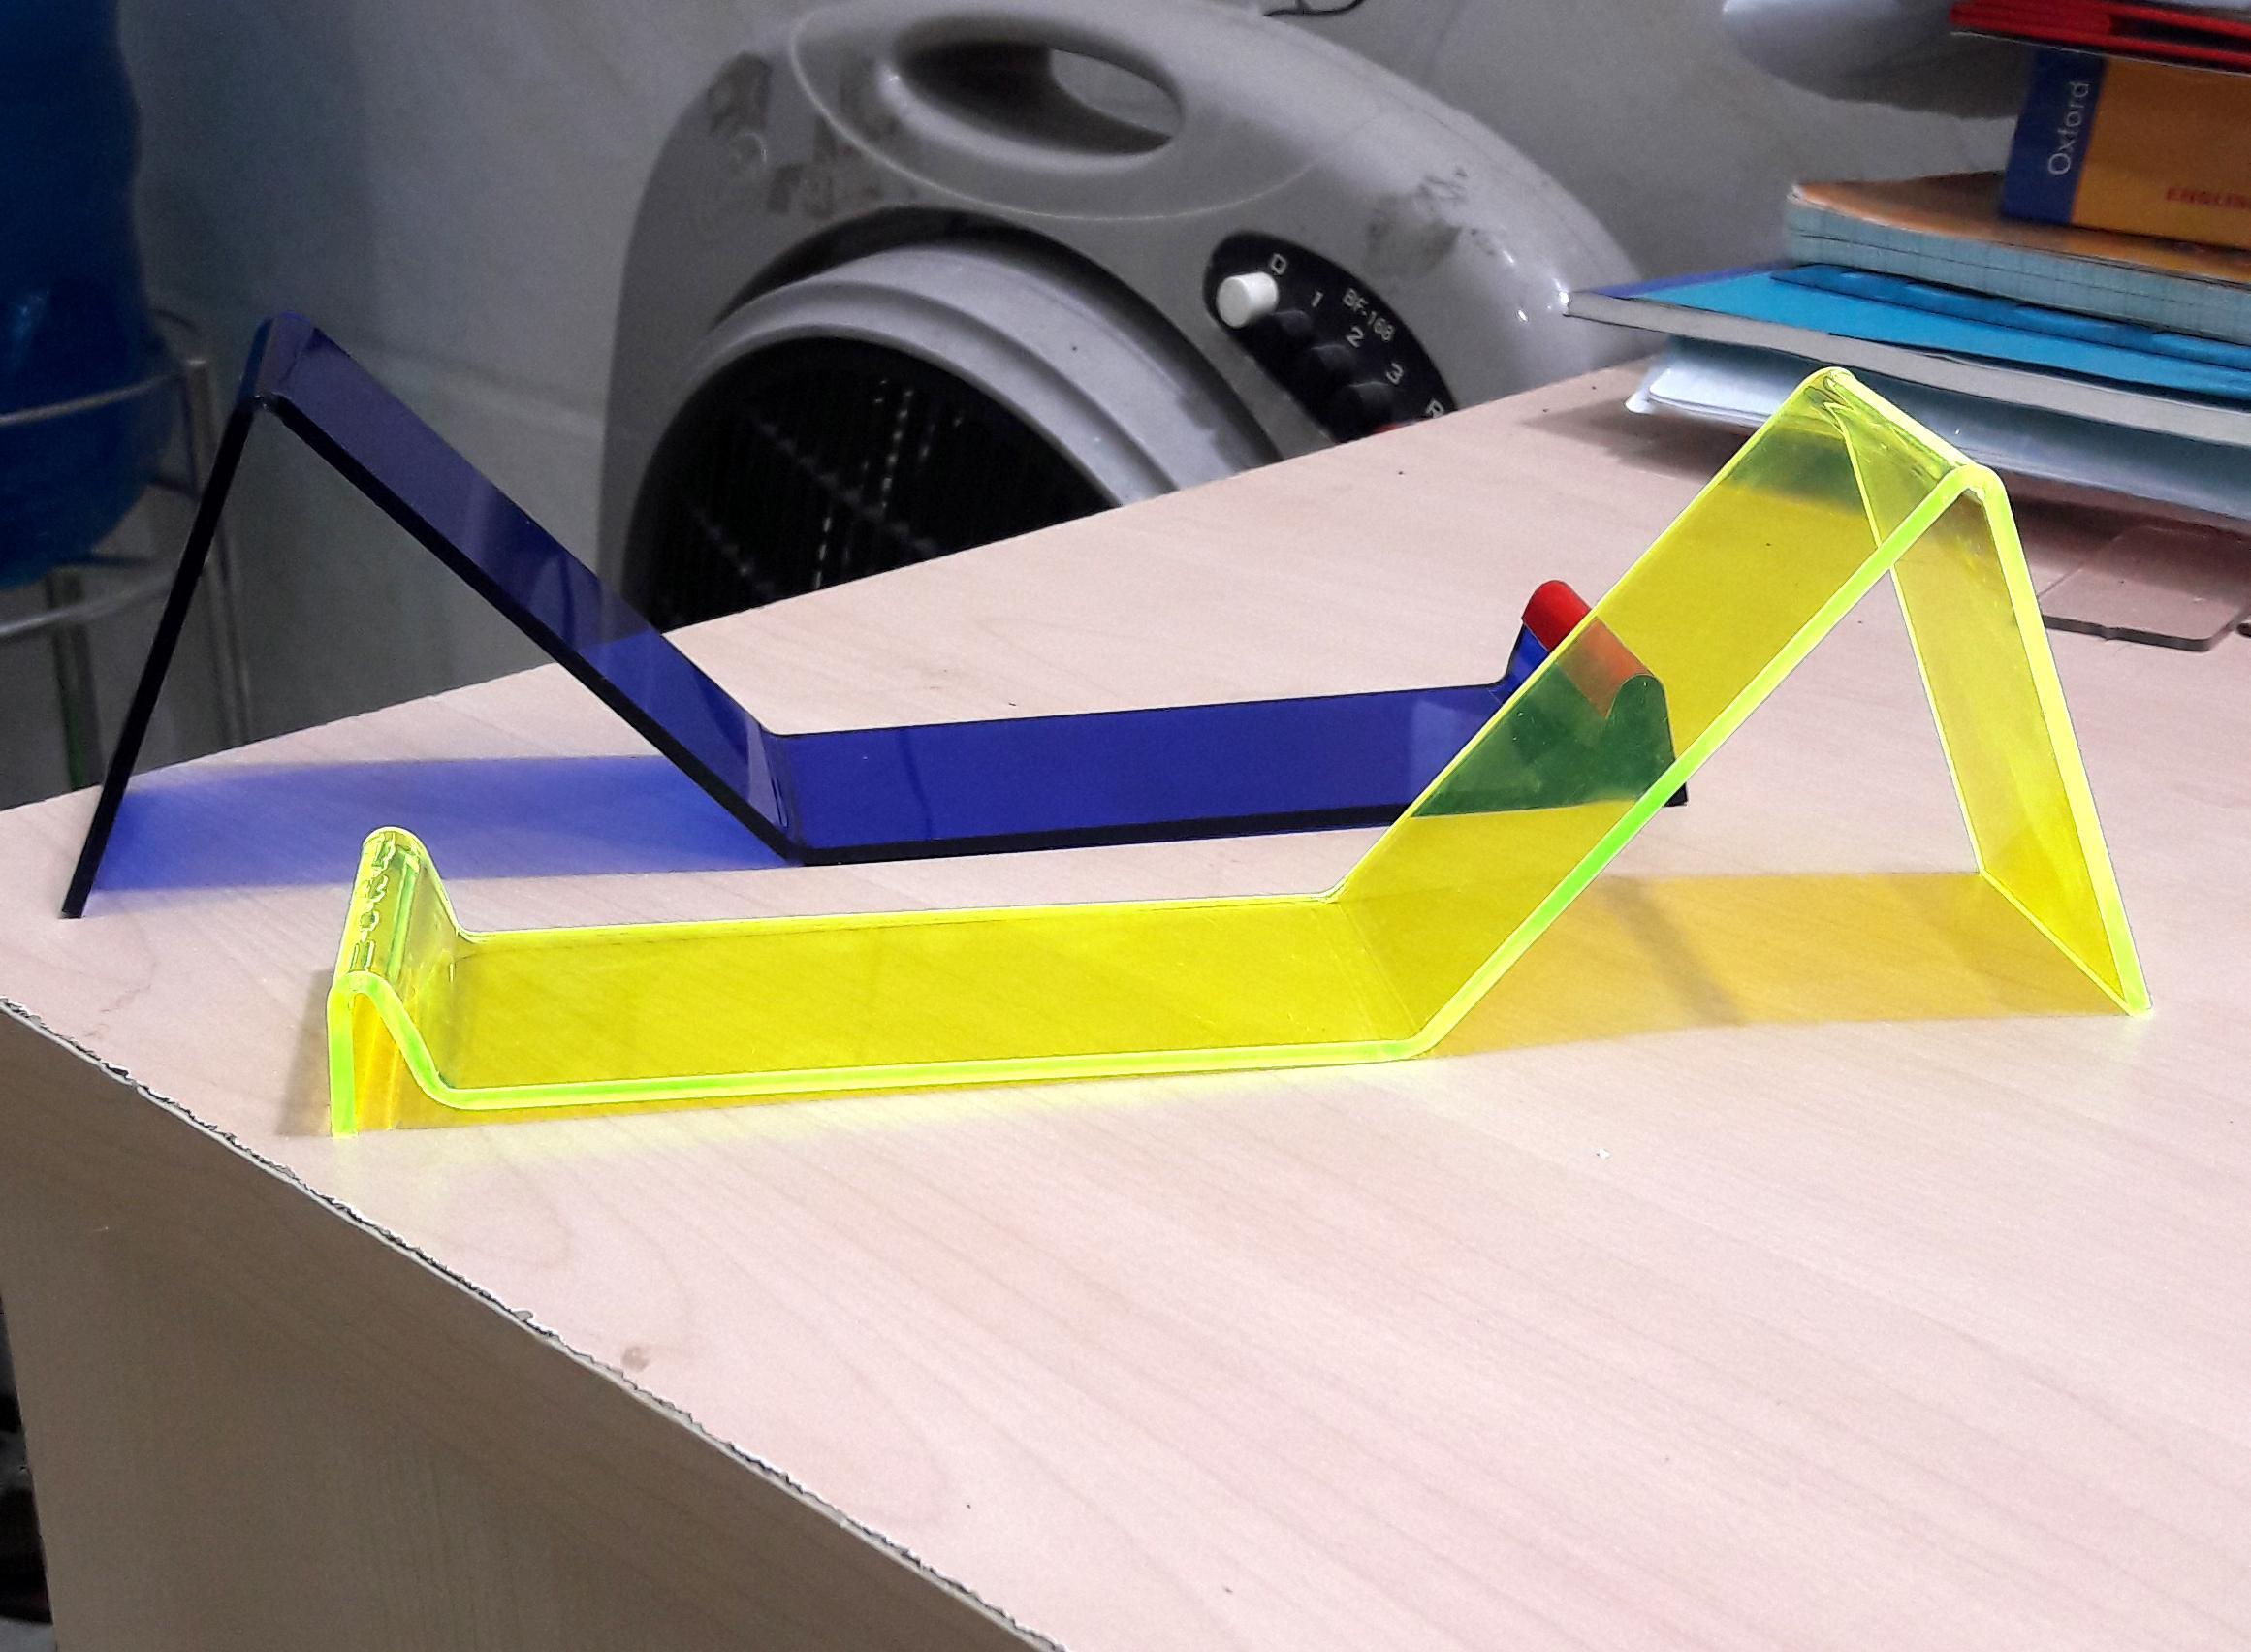 Cắt laser mica làm kệ để trưng bày sản phẩm chất lượng cao